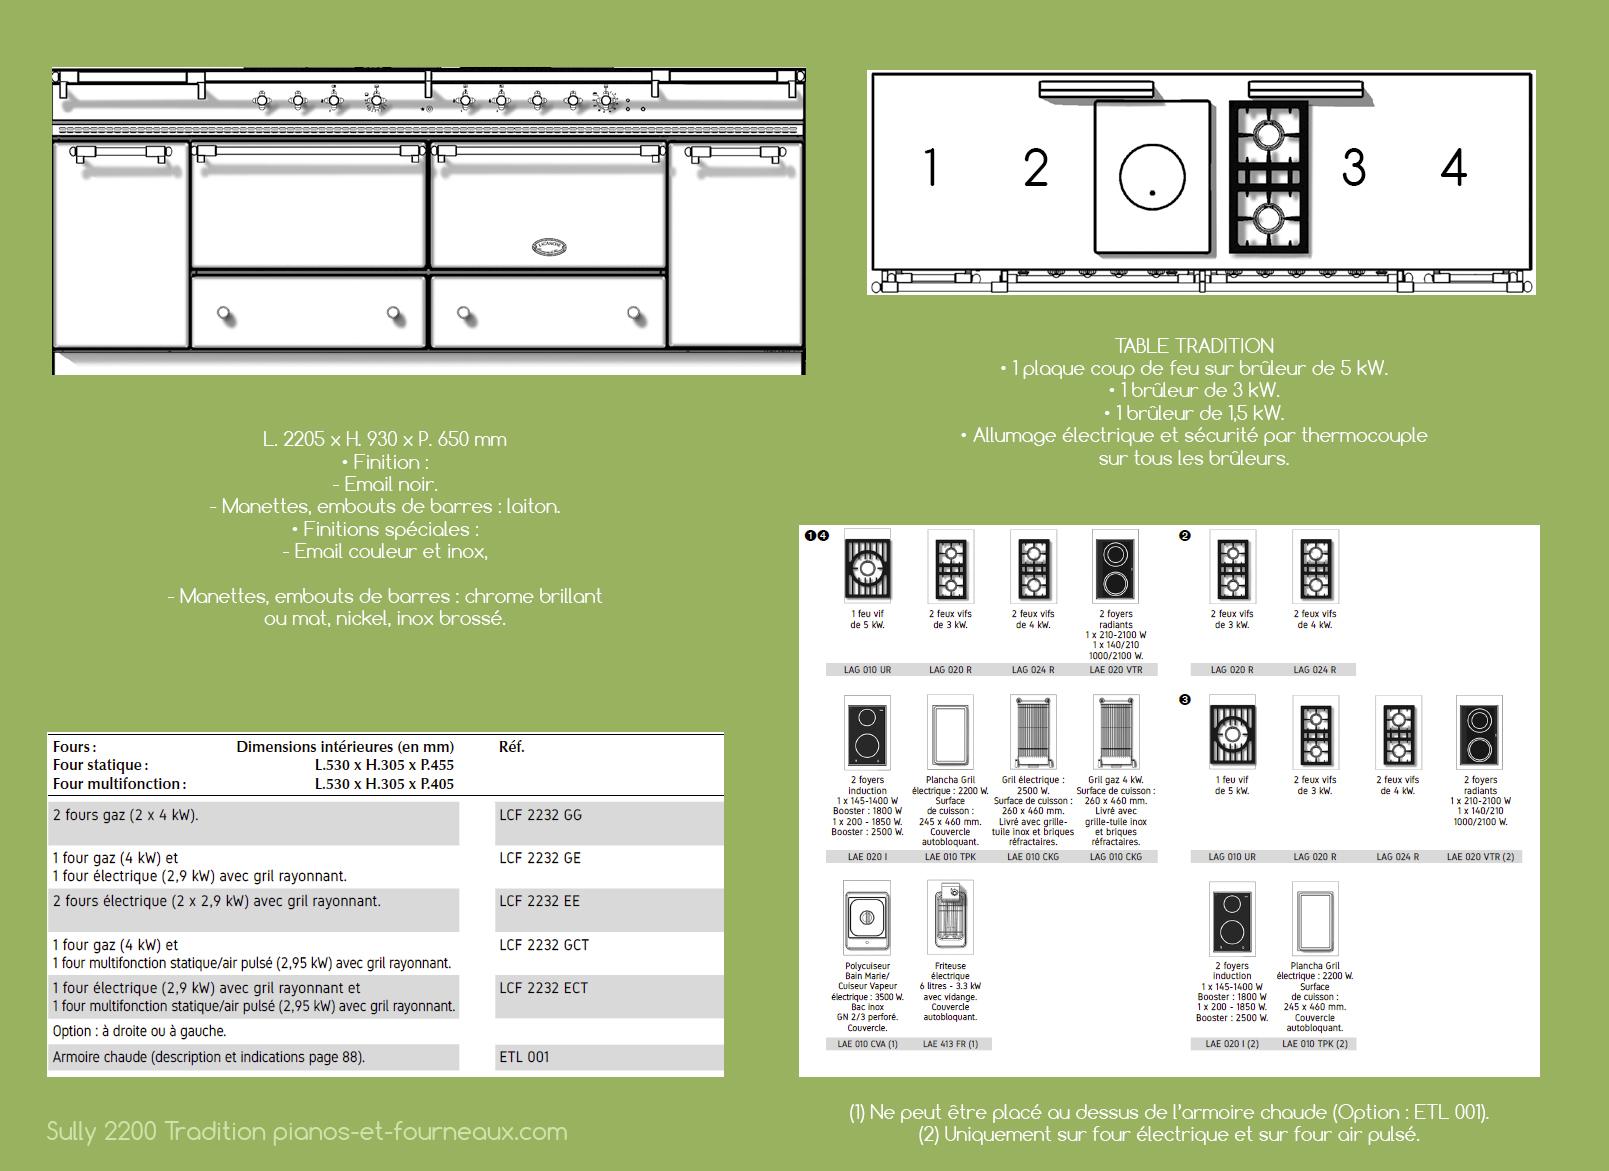 Sully 2200 Tradition configurations possibles - pianos-et-fourneaux.com le spécialiste des pianos de cuisine et fourneaux de cuisson Lacanche